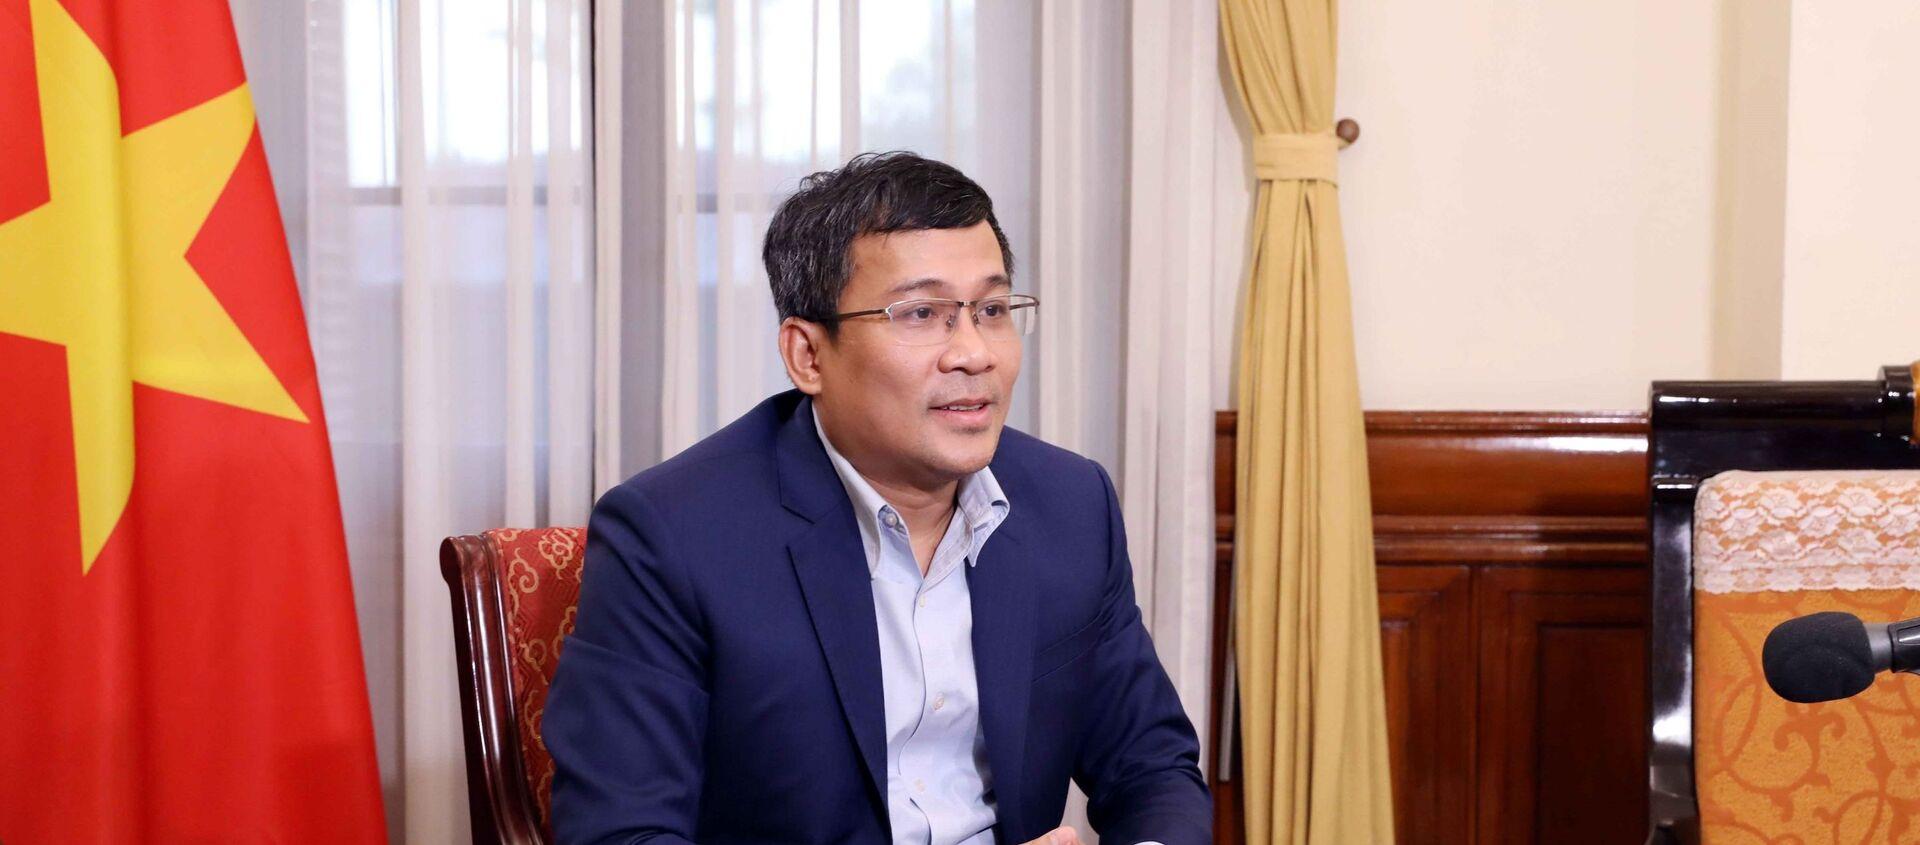 Thứ trưởng Ngoại giao Nguyễn Minh Vũ trả lời phỏng vấn các cơ quan thông tấn báo chí. - Sputnik Việt Nam, 1920, 07.09.2021